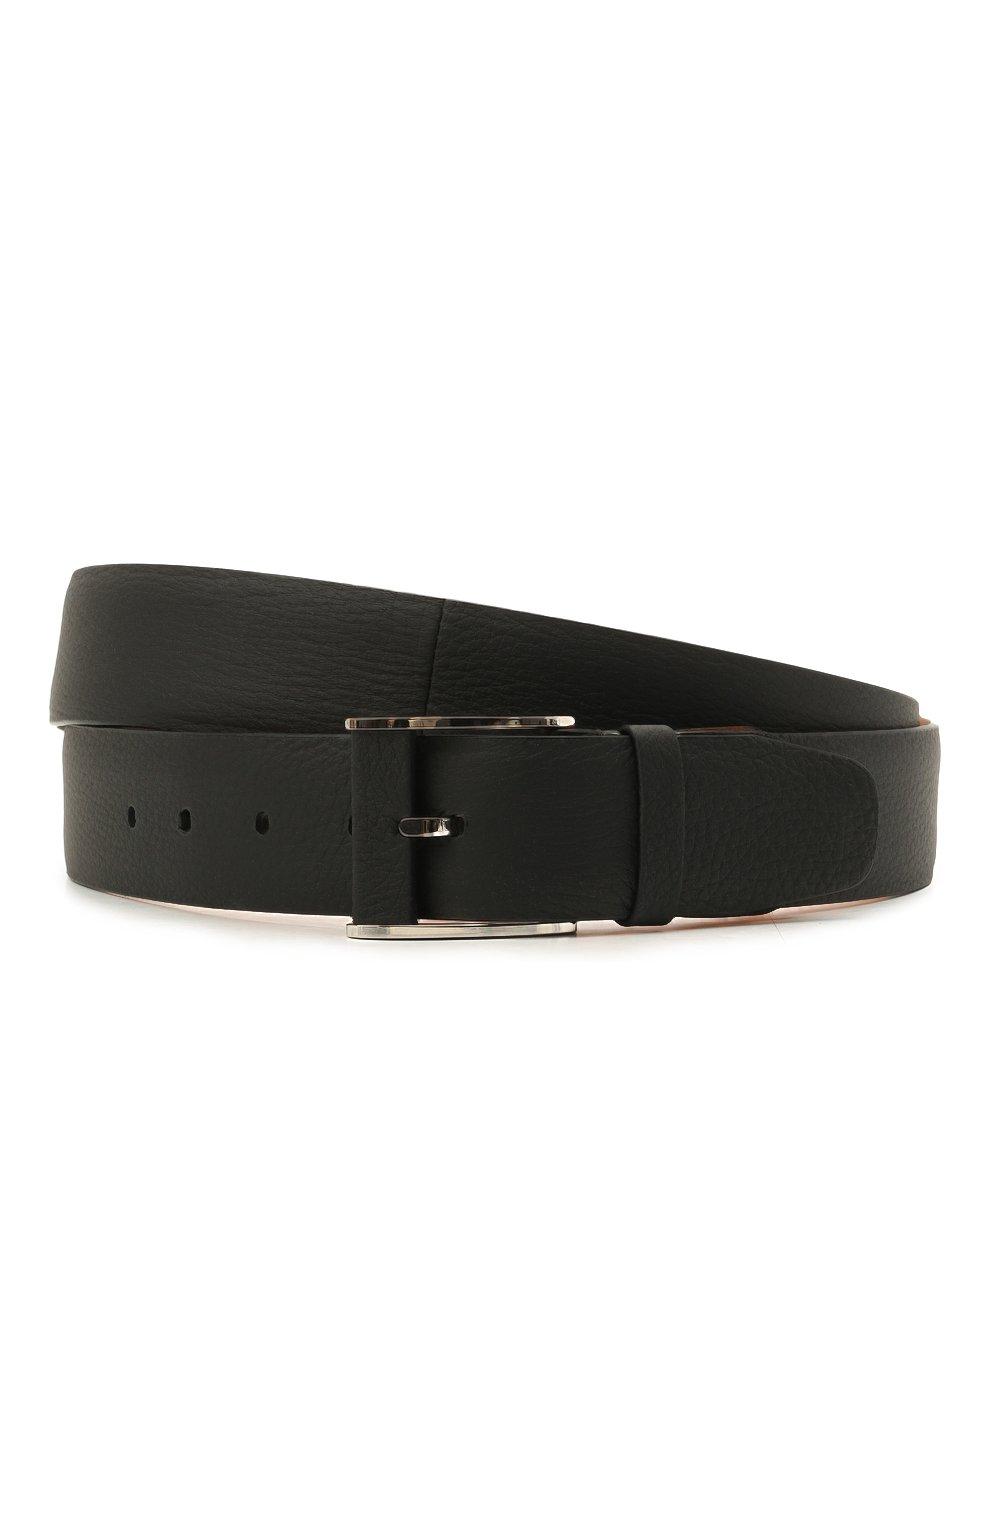 Мужской кожаный ремень ZILLI черного цвета, арт. MJL-CLAQE-01947/0232/120-130 | Фото 1 (Случай: Формальный)